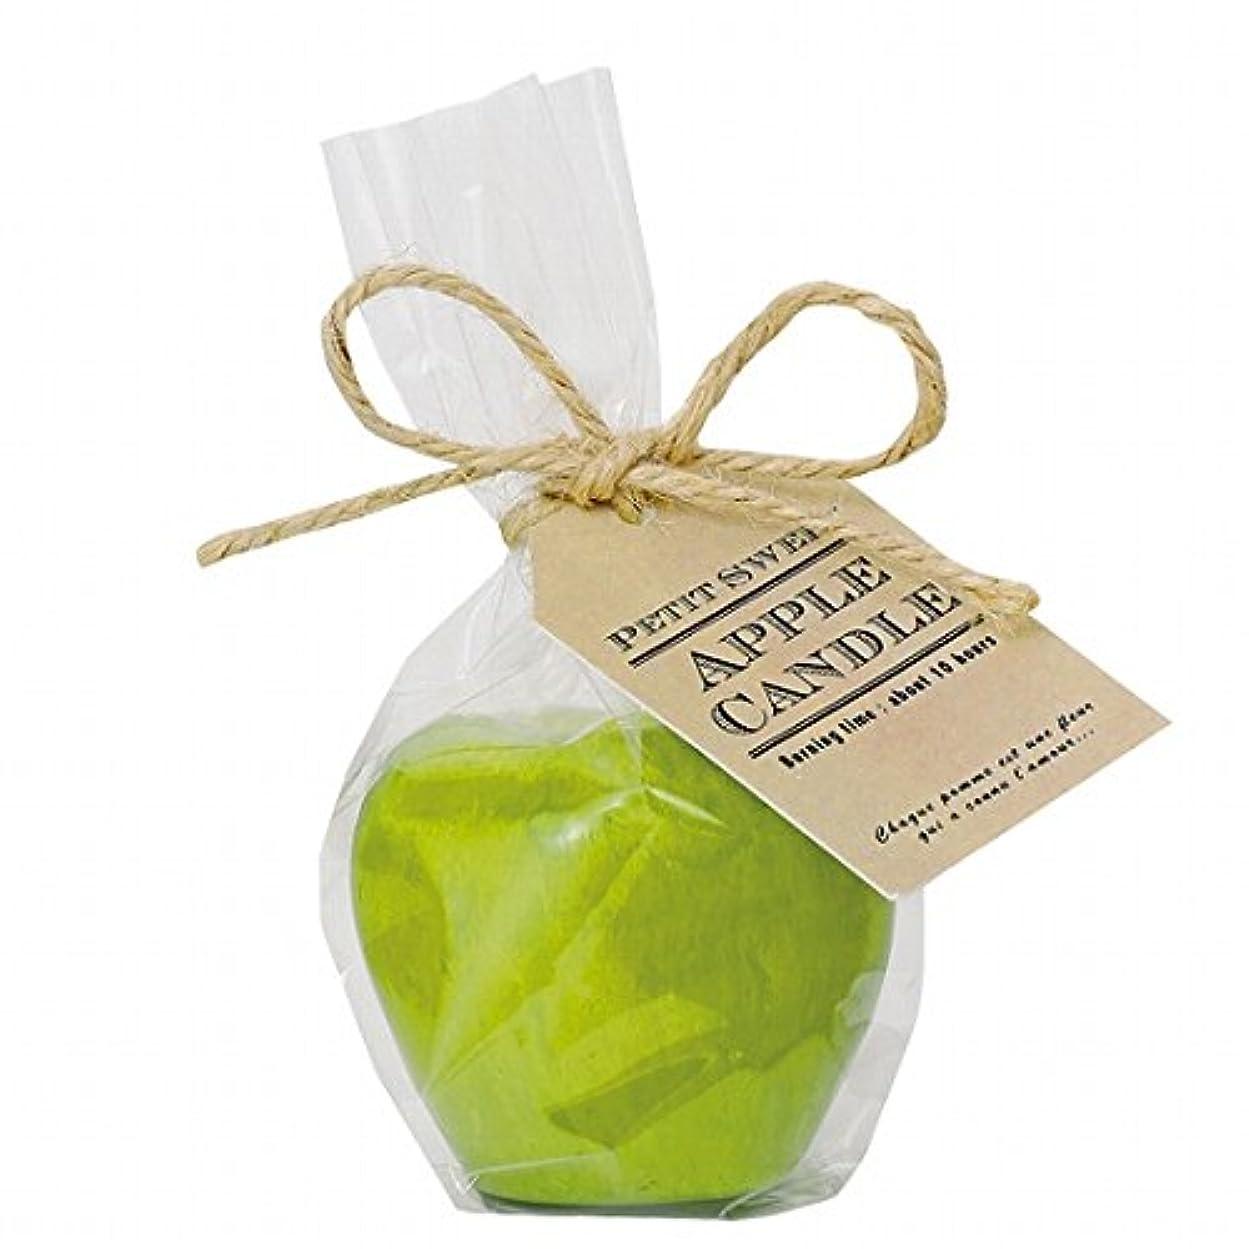 ふける不均一九カメヤマキャンドル(kameyama candle) プチスイートアップルキャンドル 「 グリーン 」